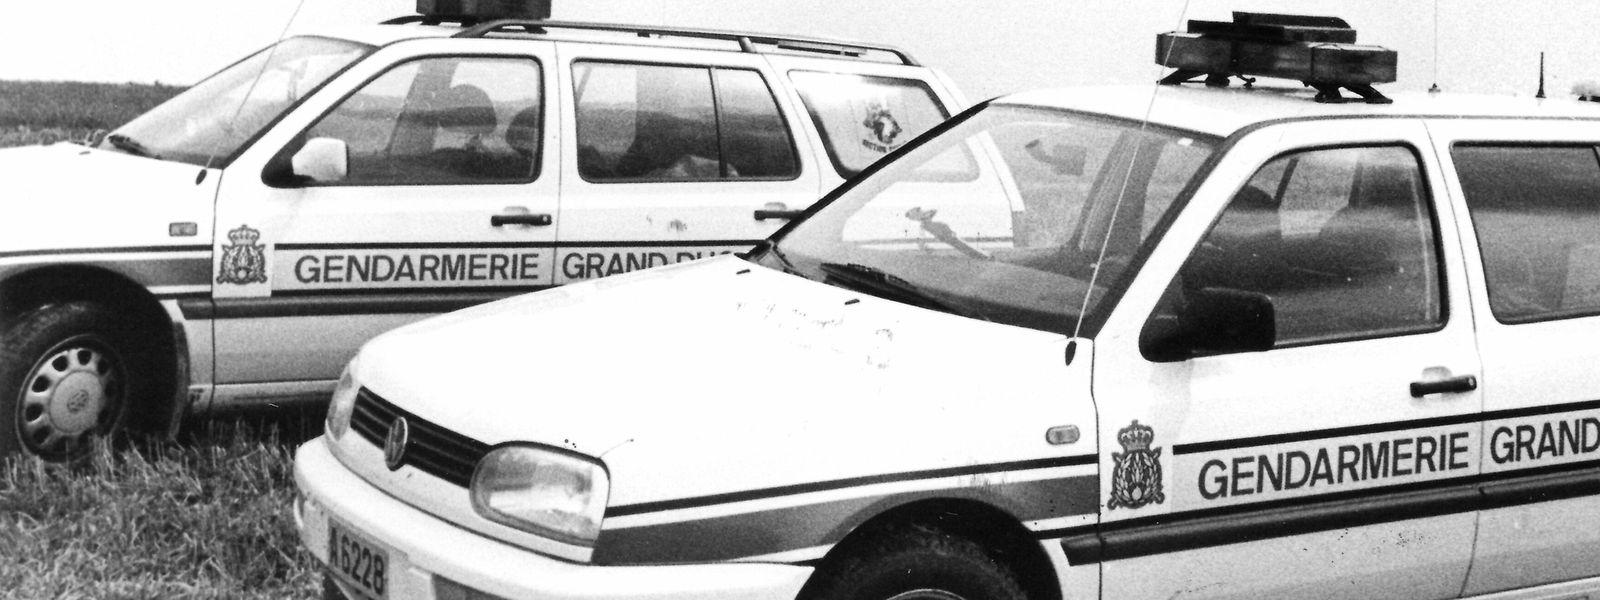 Die Gendarmerie konnte den flüchtigen Täter im Jahr 1990 bereits nach wenigen Kilometern stoppen. Nun wurde erneut nach Jean F. gefahndet.